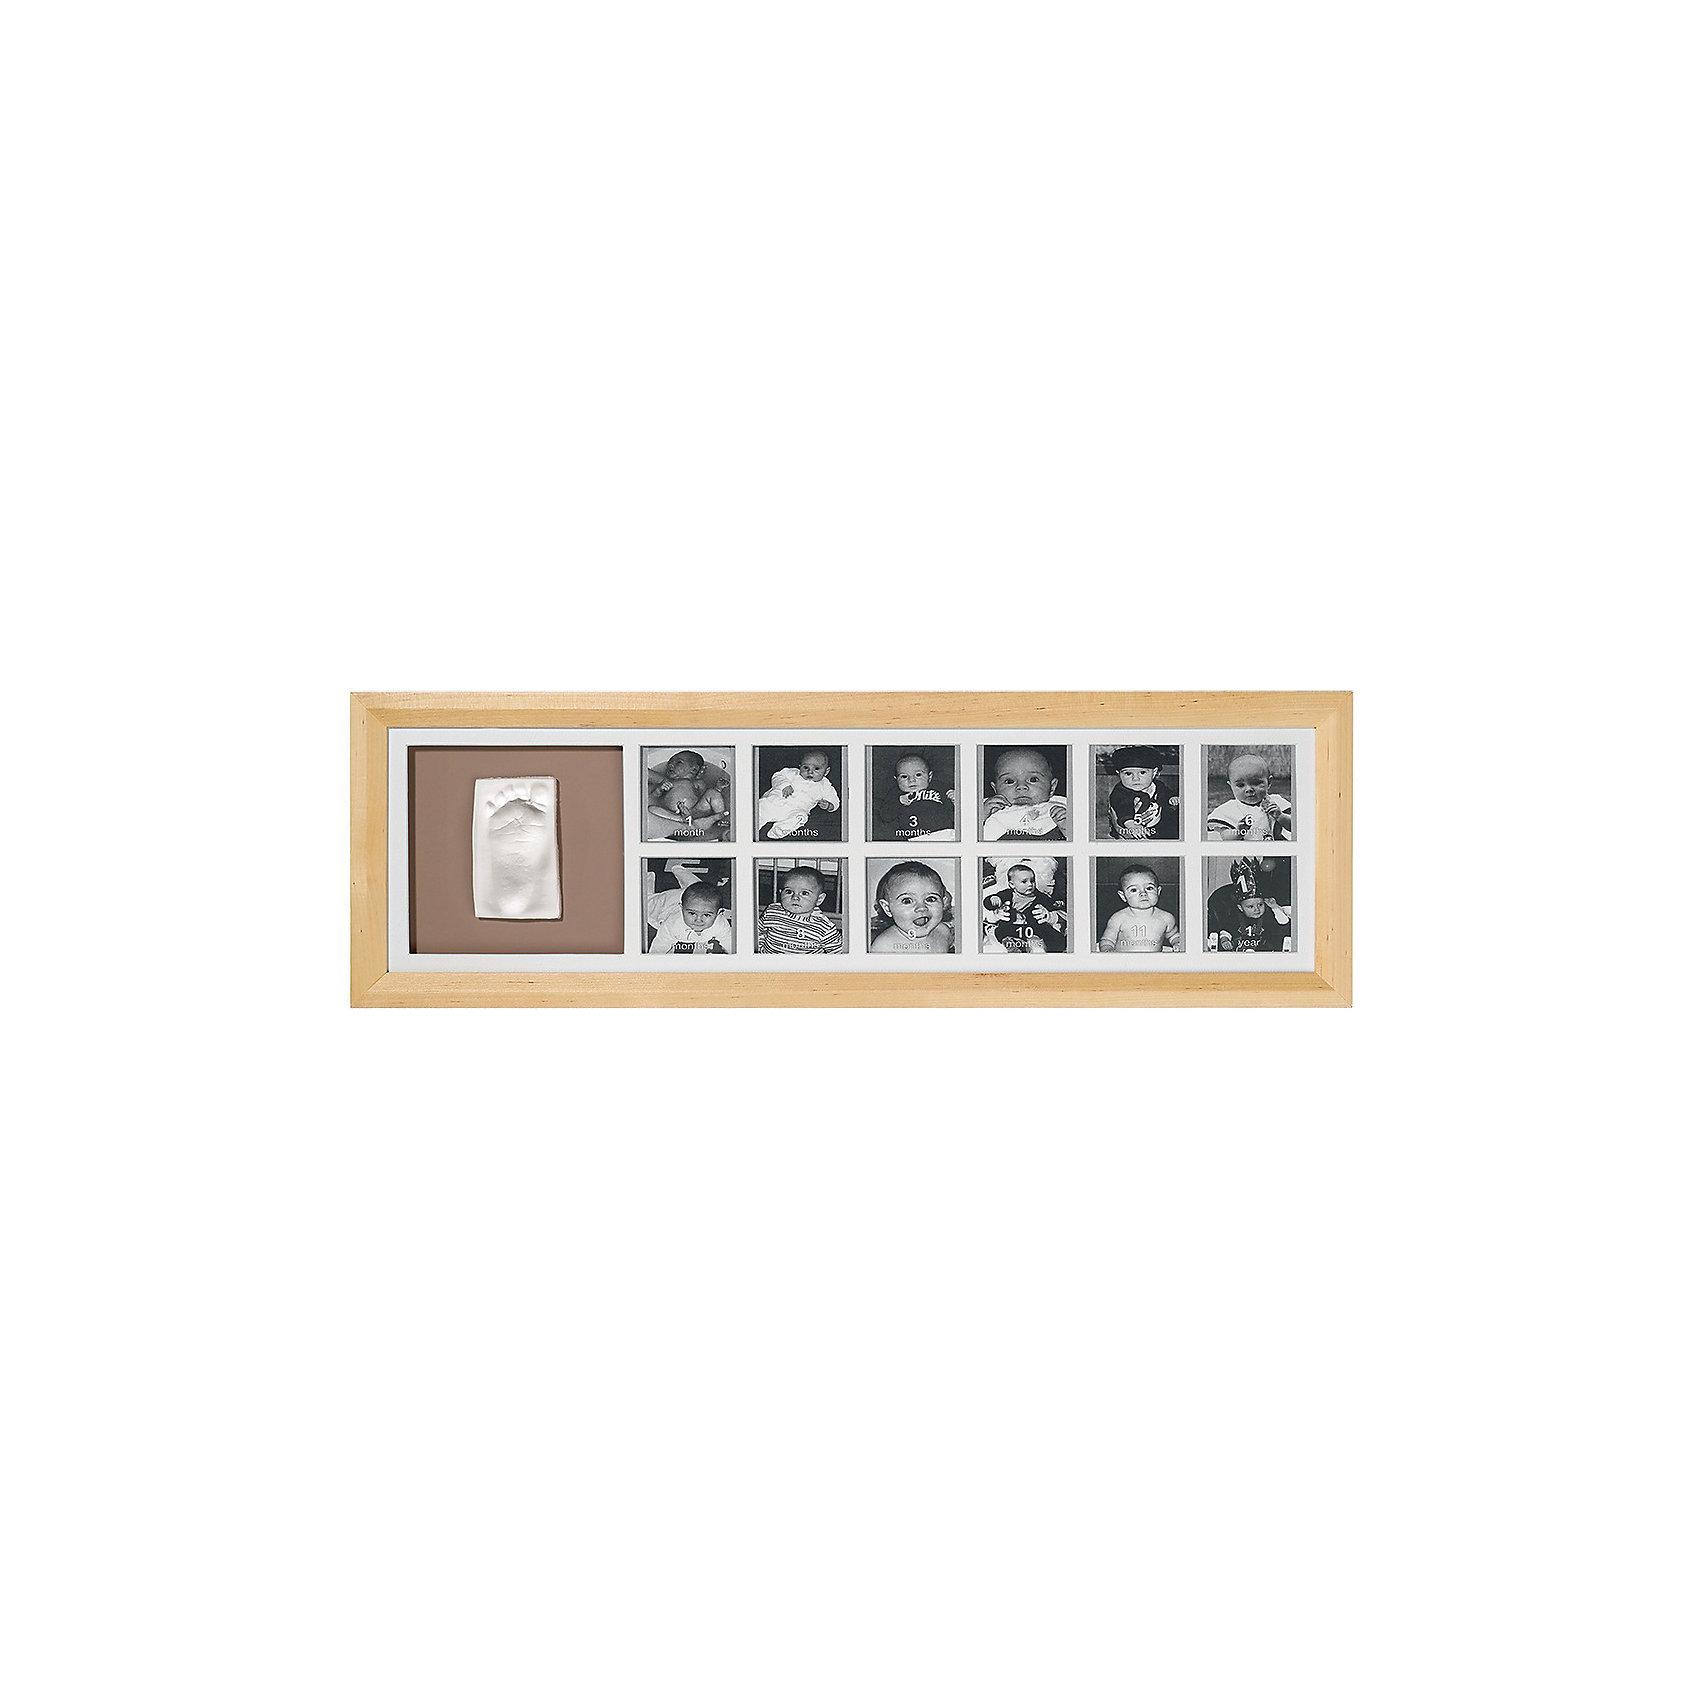 Фоторамка Первый год, Baby Art, деревоПредметы интерьера<br>Создайте фотогалерею со снимками вашего малыша. Фоторамка Baby Art (Беби Арт) «Первый год» состоит из 12 окошек, в которые помещаются фотографии малыша. Рядом со снимками находится окошко для отпечатка ручки или ножки крохи. Создать гипсовую скульптуру несложно: материал надо размять в руках, раскатать, оставить след ручки, затем выровнять края изделия, после чего высушить готовый отпечаток в гипсовом «наряде». После того, как изделие высохнет, с помощью клейкой ленты отпечаток надо приклеить в специальное окошко рядом с 12-ю снимками. <br><br><br>Комплектация набора «First Year Print Frame»:<br>• фоторамка;<br>• гипсовый слепок;<br>• скалка;<br>• клейкая лента;<br>• инструкция. <br>Фоторамку Первый год, Baby Art, дерево можно купить в нашем интернет-магазине.<br><br>Ширина мм: 584<br>Глубина мм: 203<br>Высота мм: 50<br>Вес г: 1227<br>Цвет: holzfarben<br>Возраст от месяцев: 0<br>Возраст до месяцев: 12<br>Пол: Унисекс<br>Возраст: Детский<br>SKU: 4353365